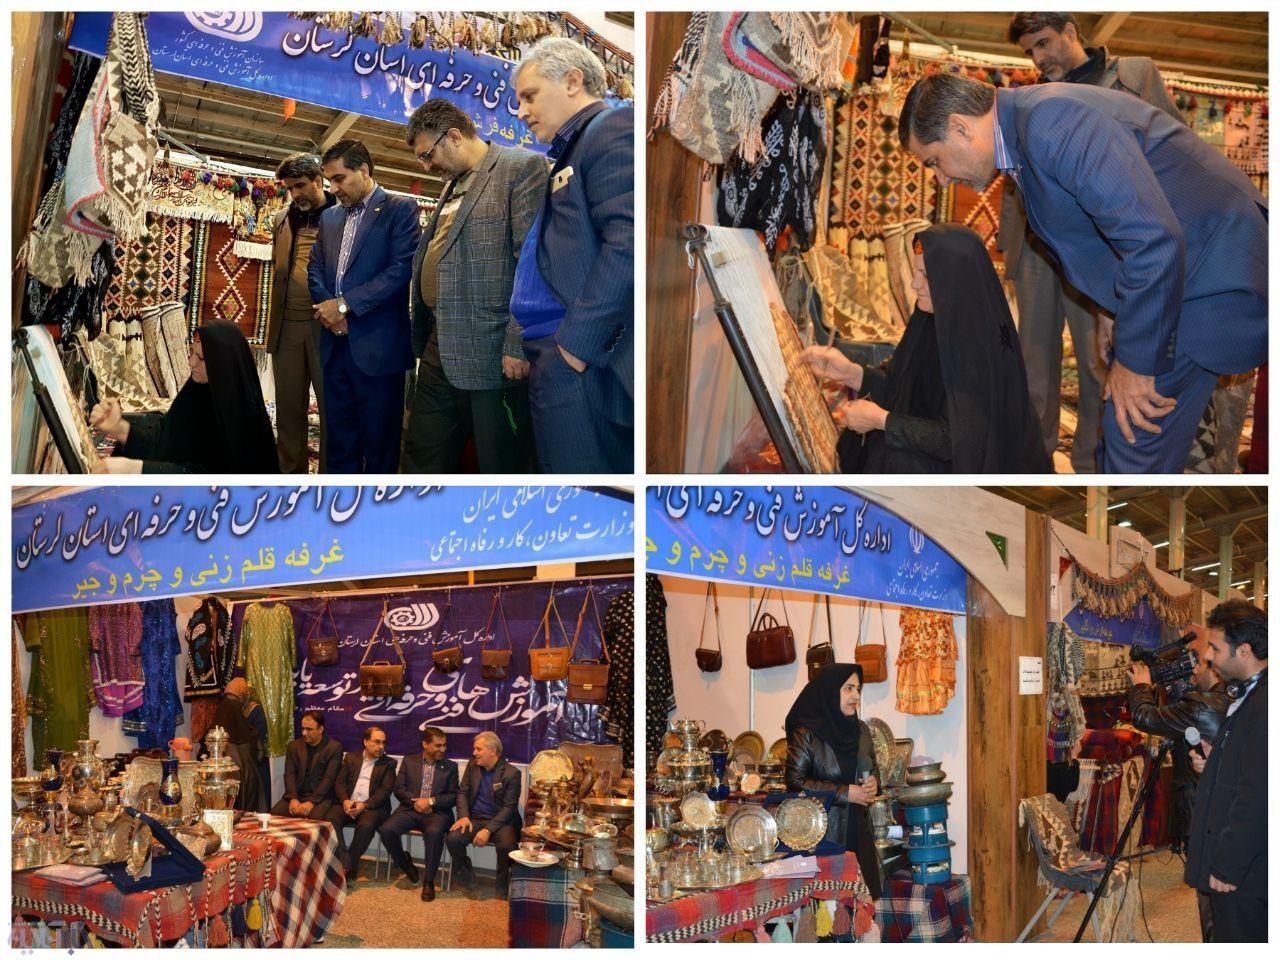 بازدید مدیرکل آموزش فنی و حرفه ای لرستان از غرفه های جشنواره اقوام و عشایر ایرانی